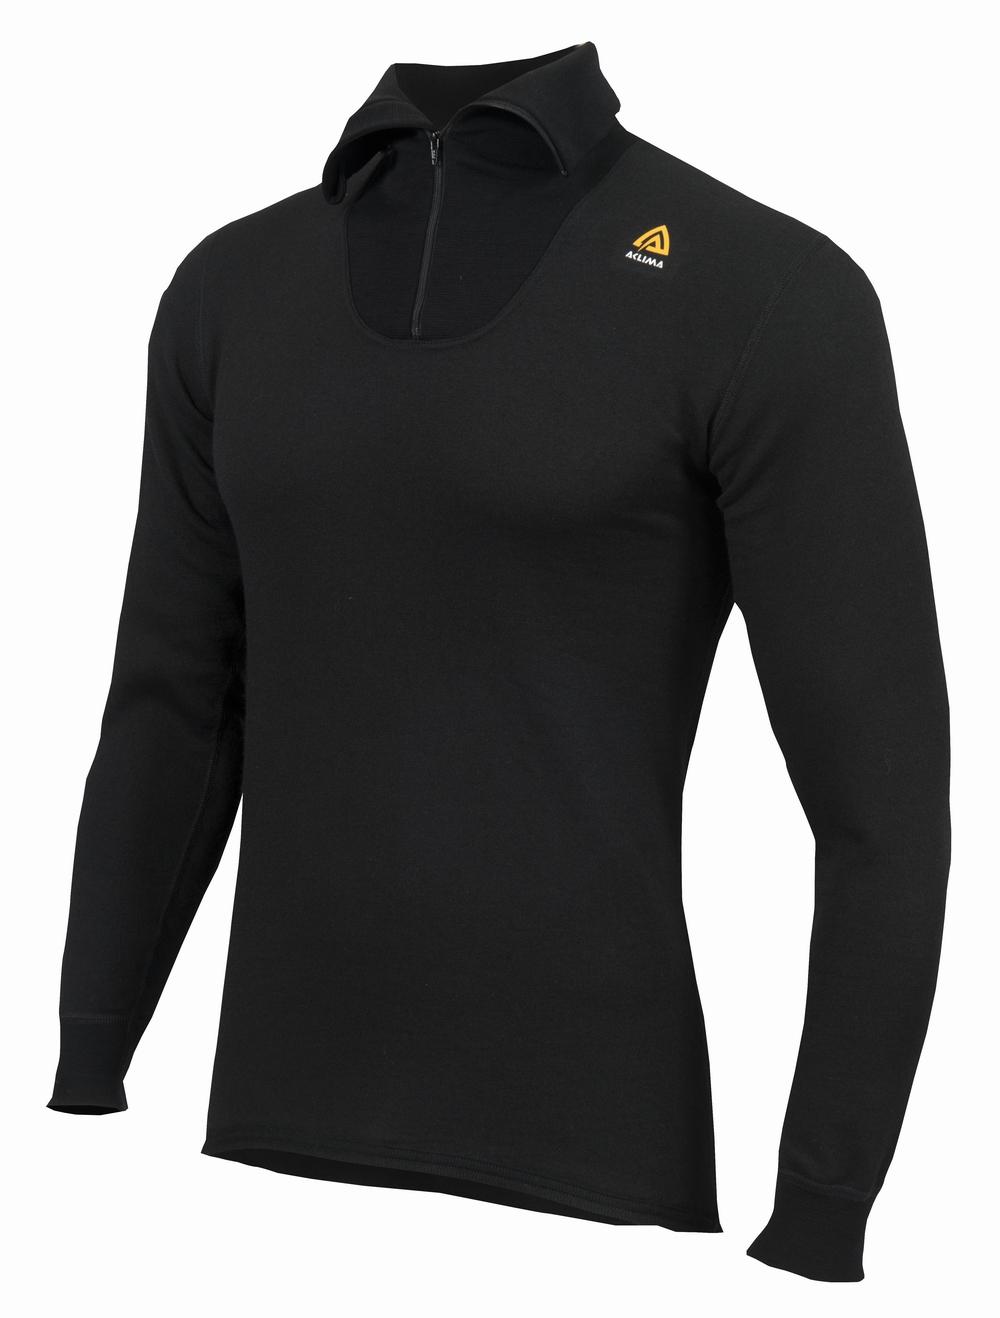 N/A – Aclima hotwool trøje zip på fiskegrej.dk